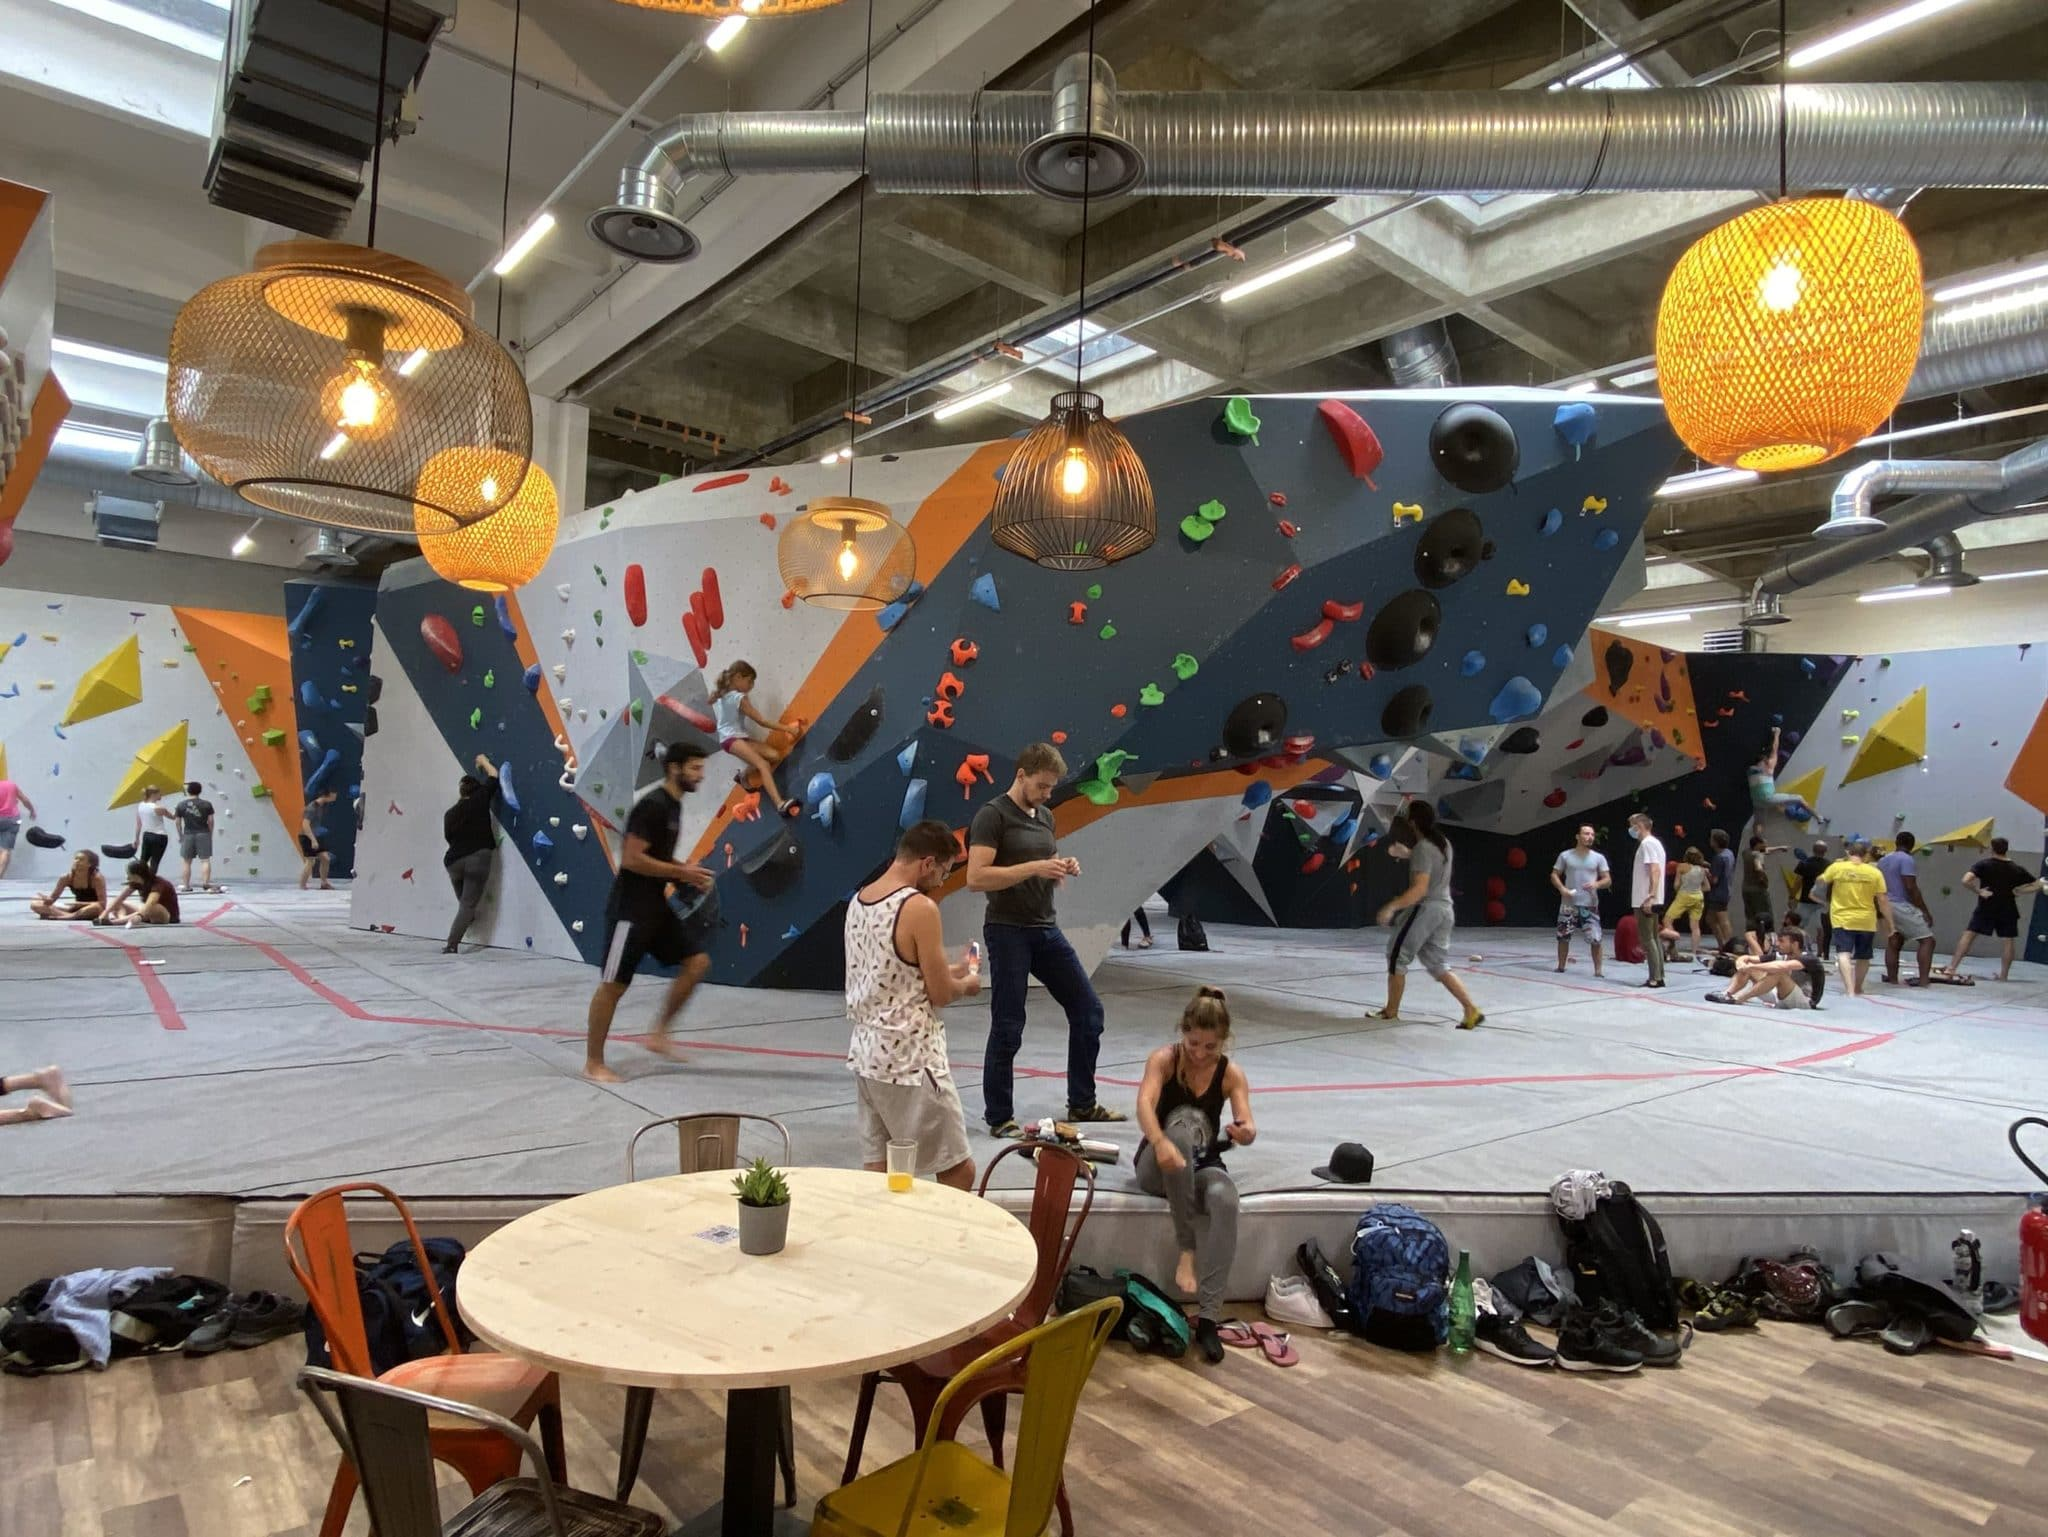 Salle d'escalade. Vertical'Art Rungis. L'escalade de bloc à 20mn de Paris dans le Val-de-Marne. Grimpeurs.